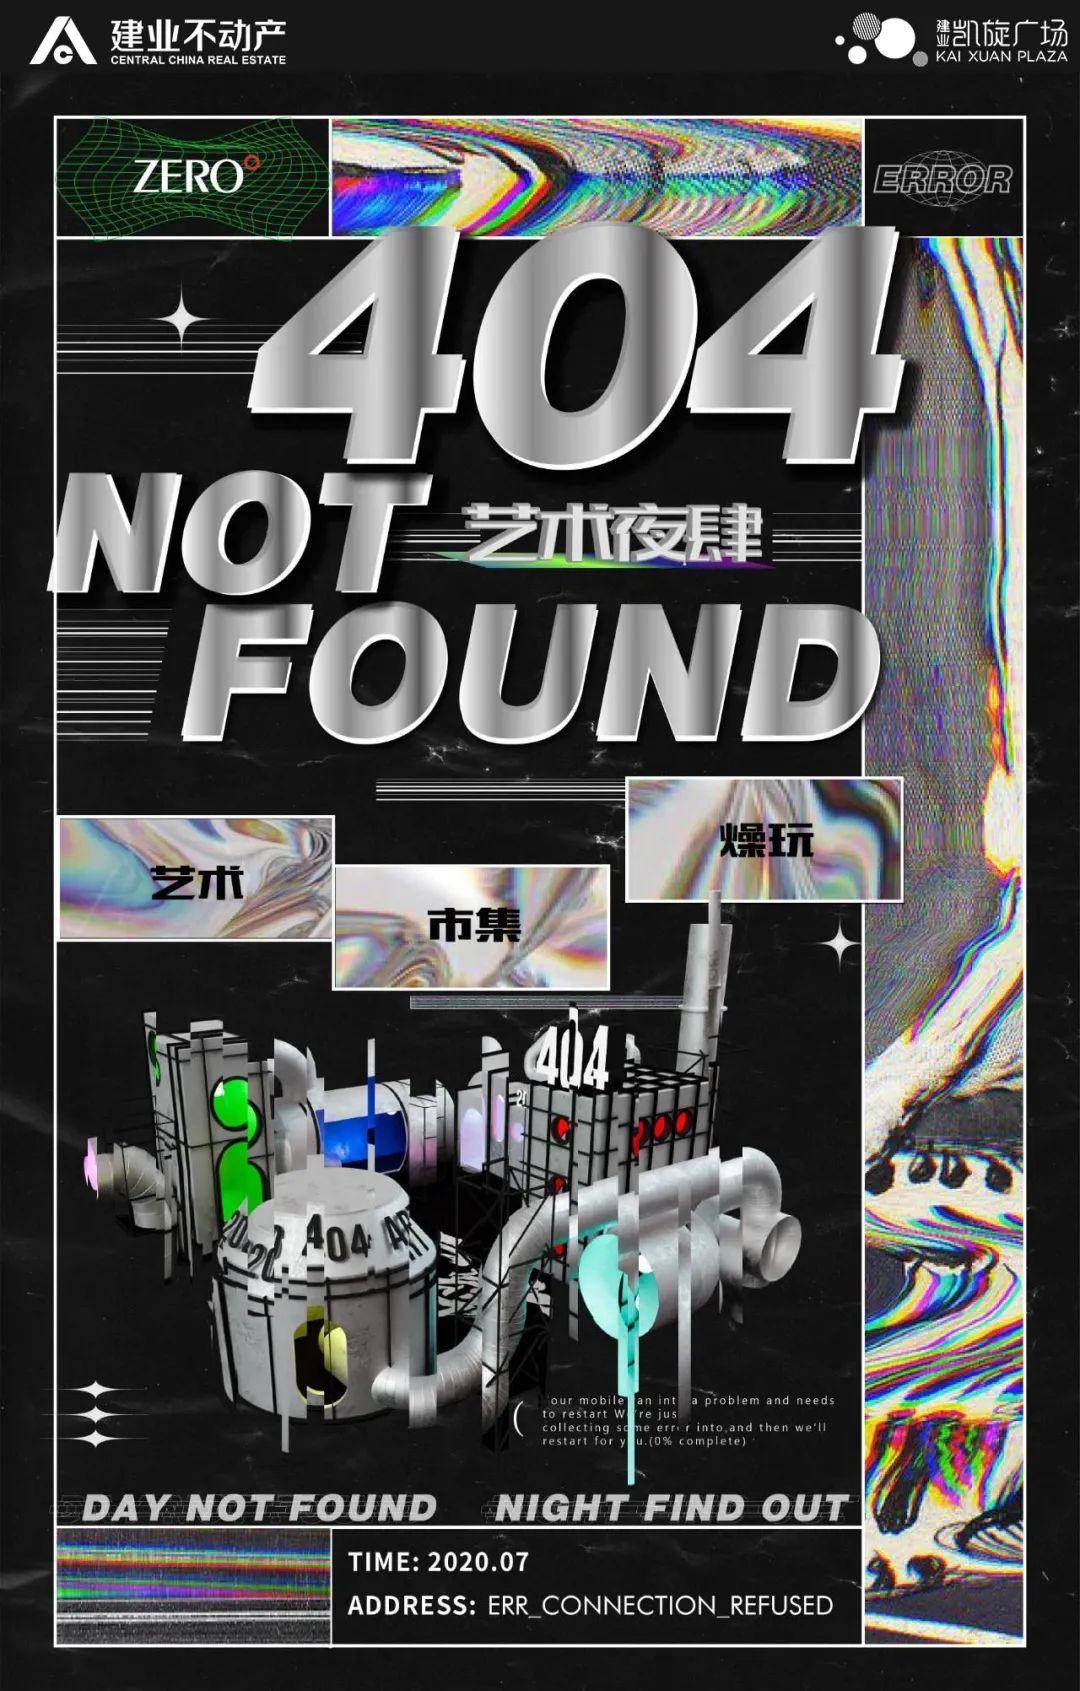 """【摊主招募】郑州凯旋""""404 NOT FOUND 艺术夜肆""""喊你一起搞事情!"""